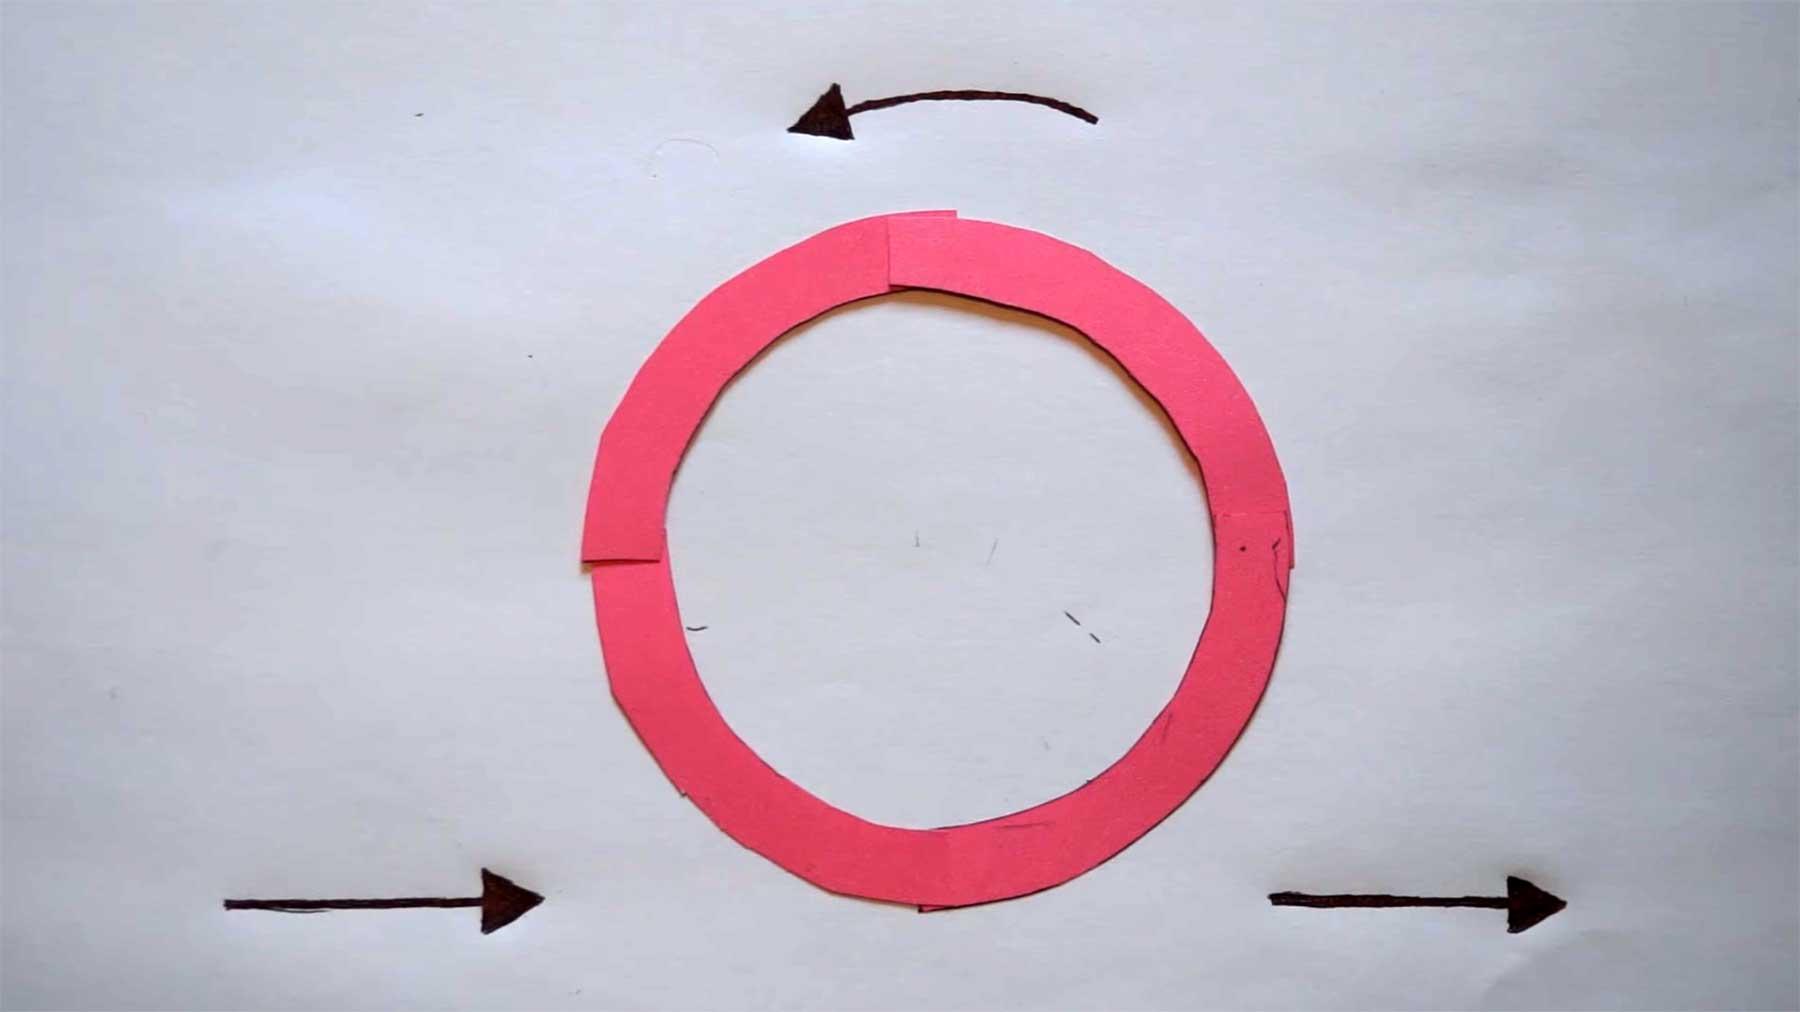 Deshalb sind Loopings keine perfekten Kreise